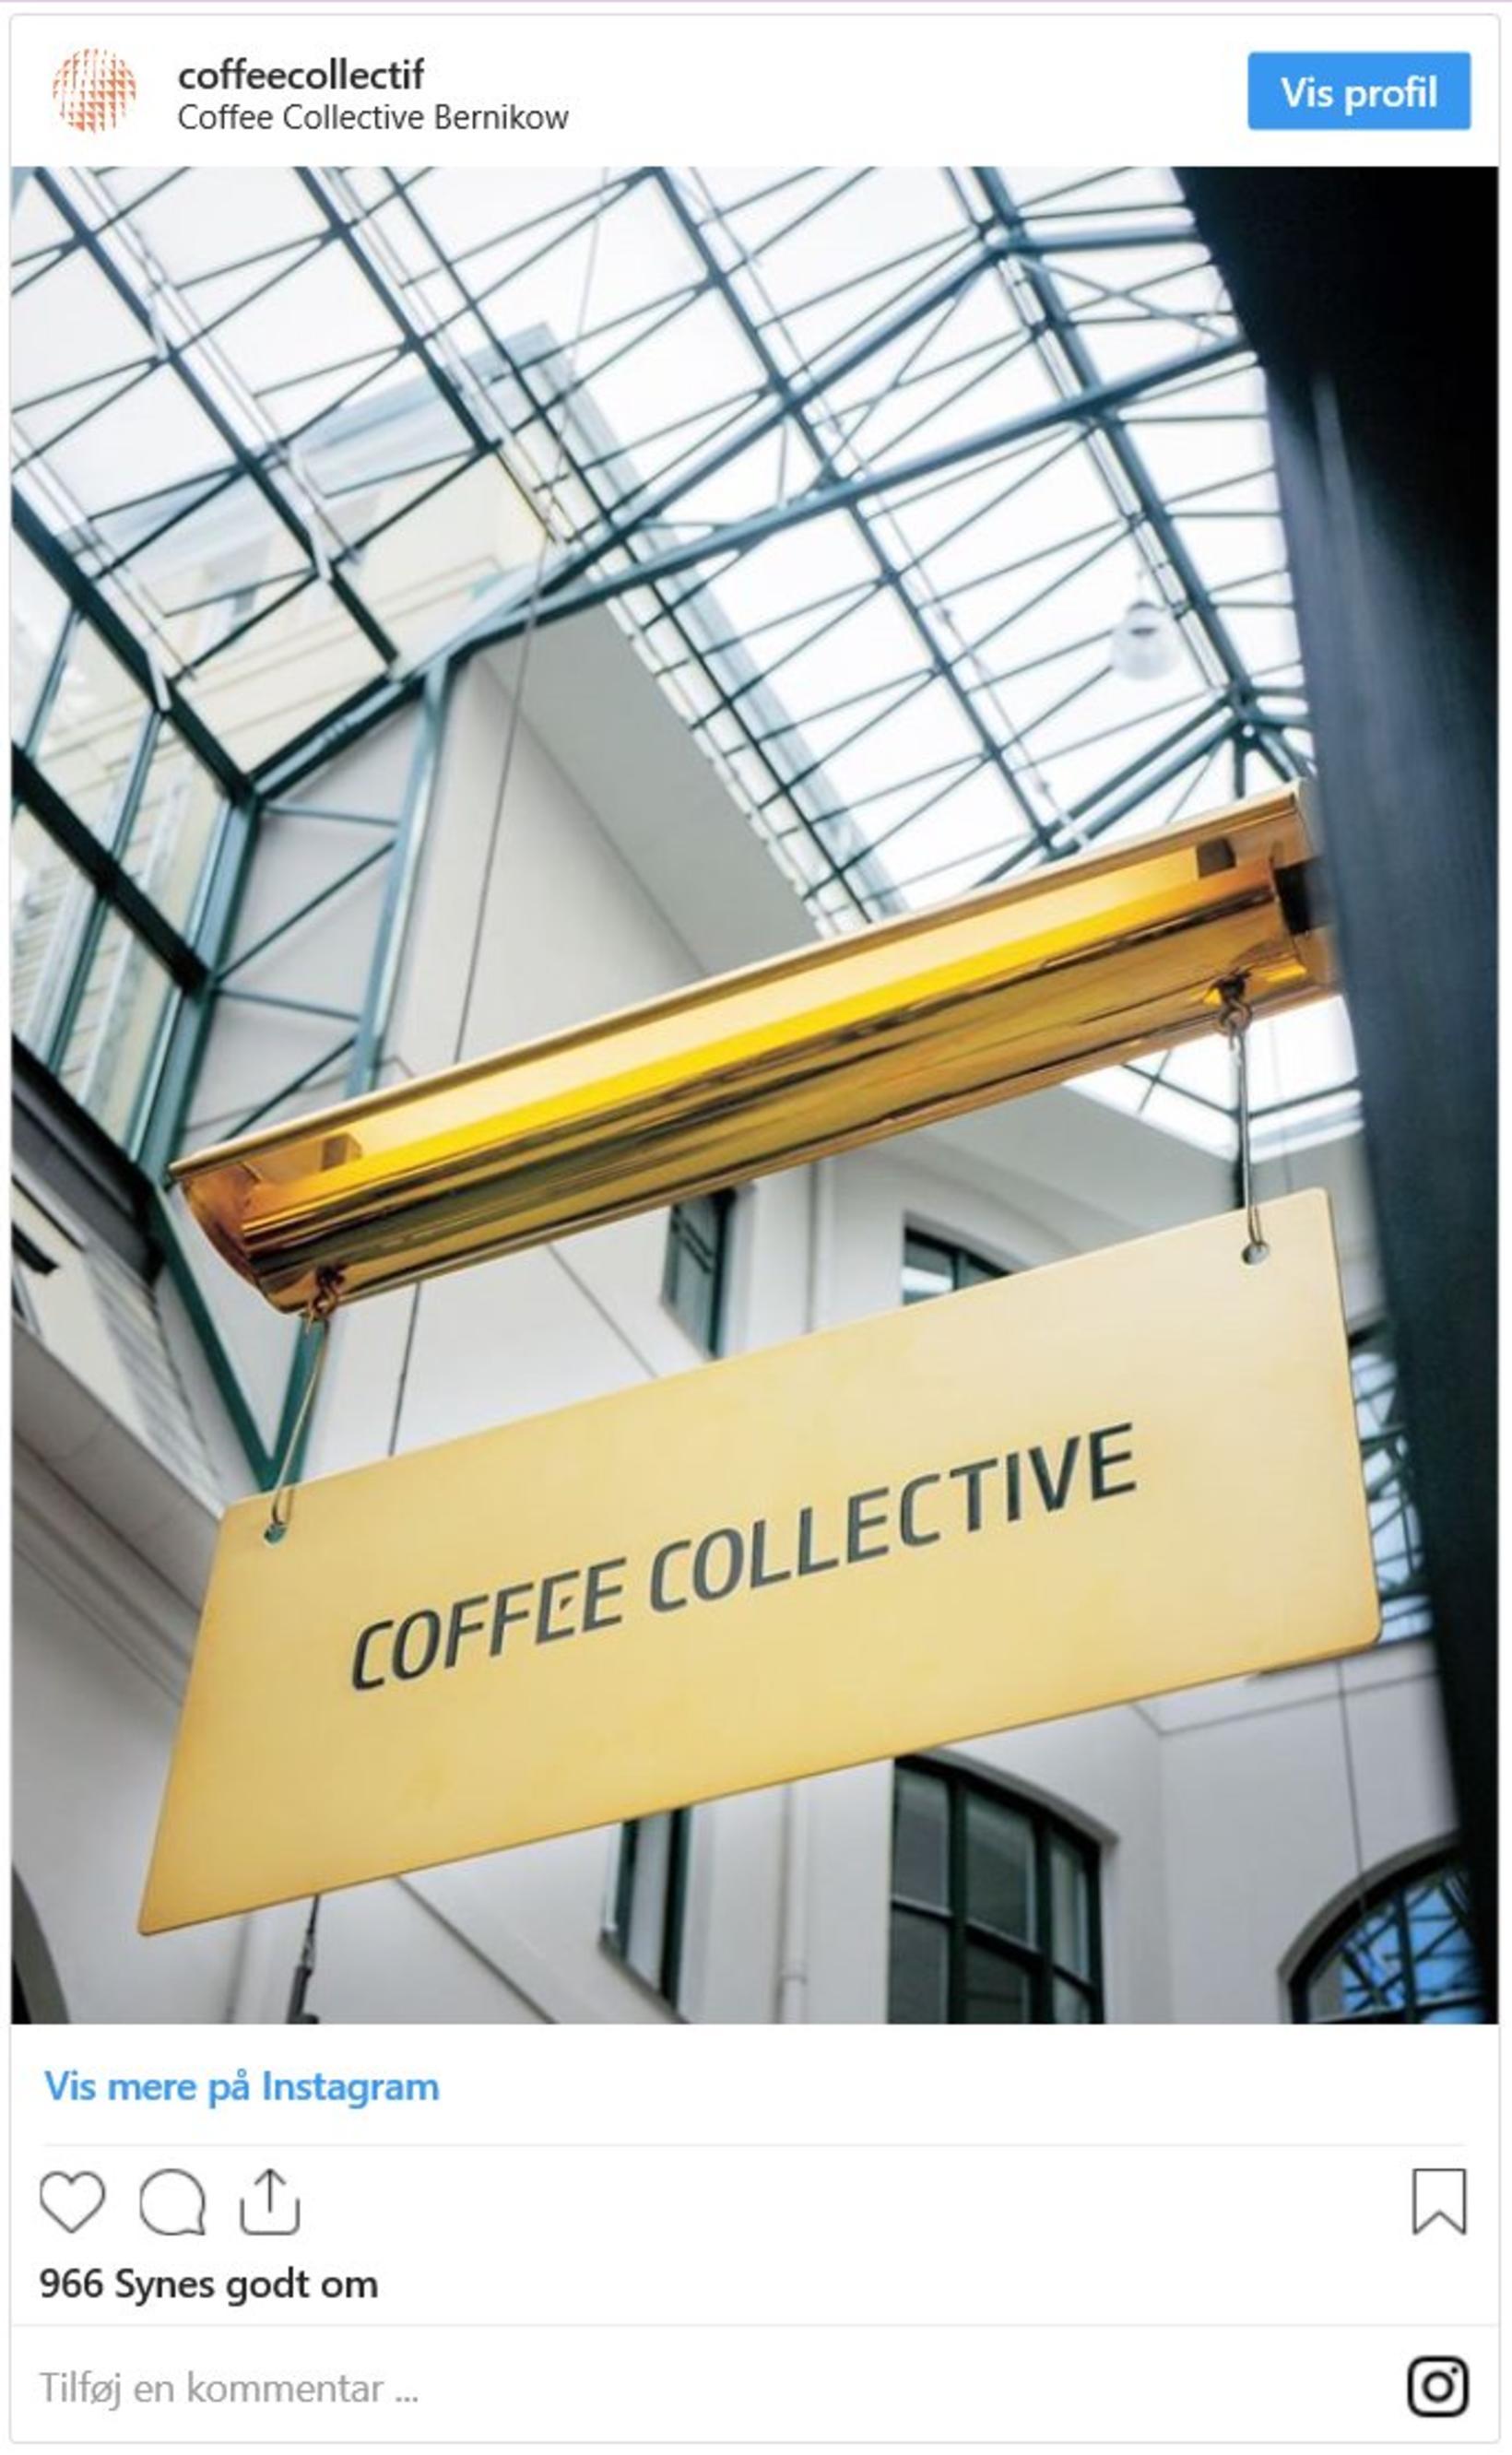 Coffee Collective framreiðir kaffi í hæsta gæðaflokki. Þau rista allar …